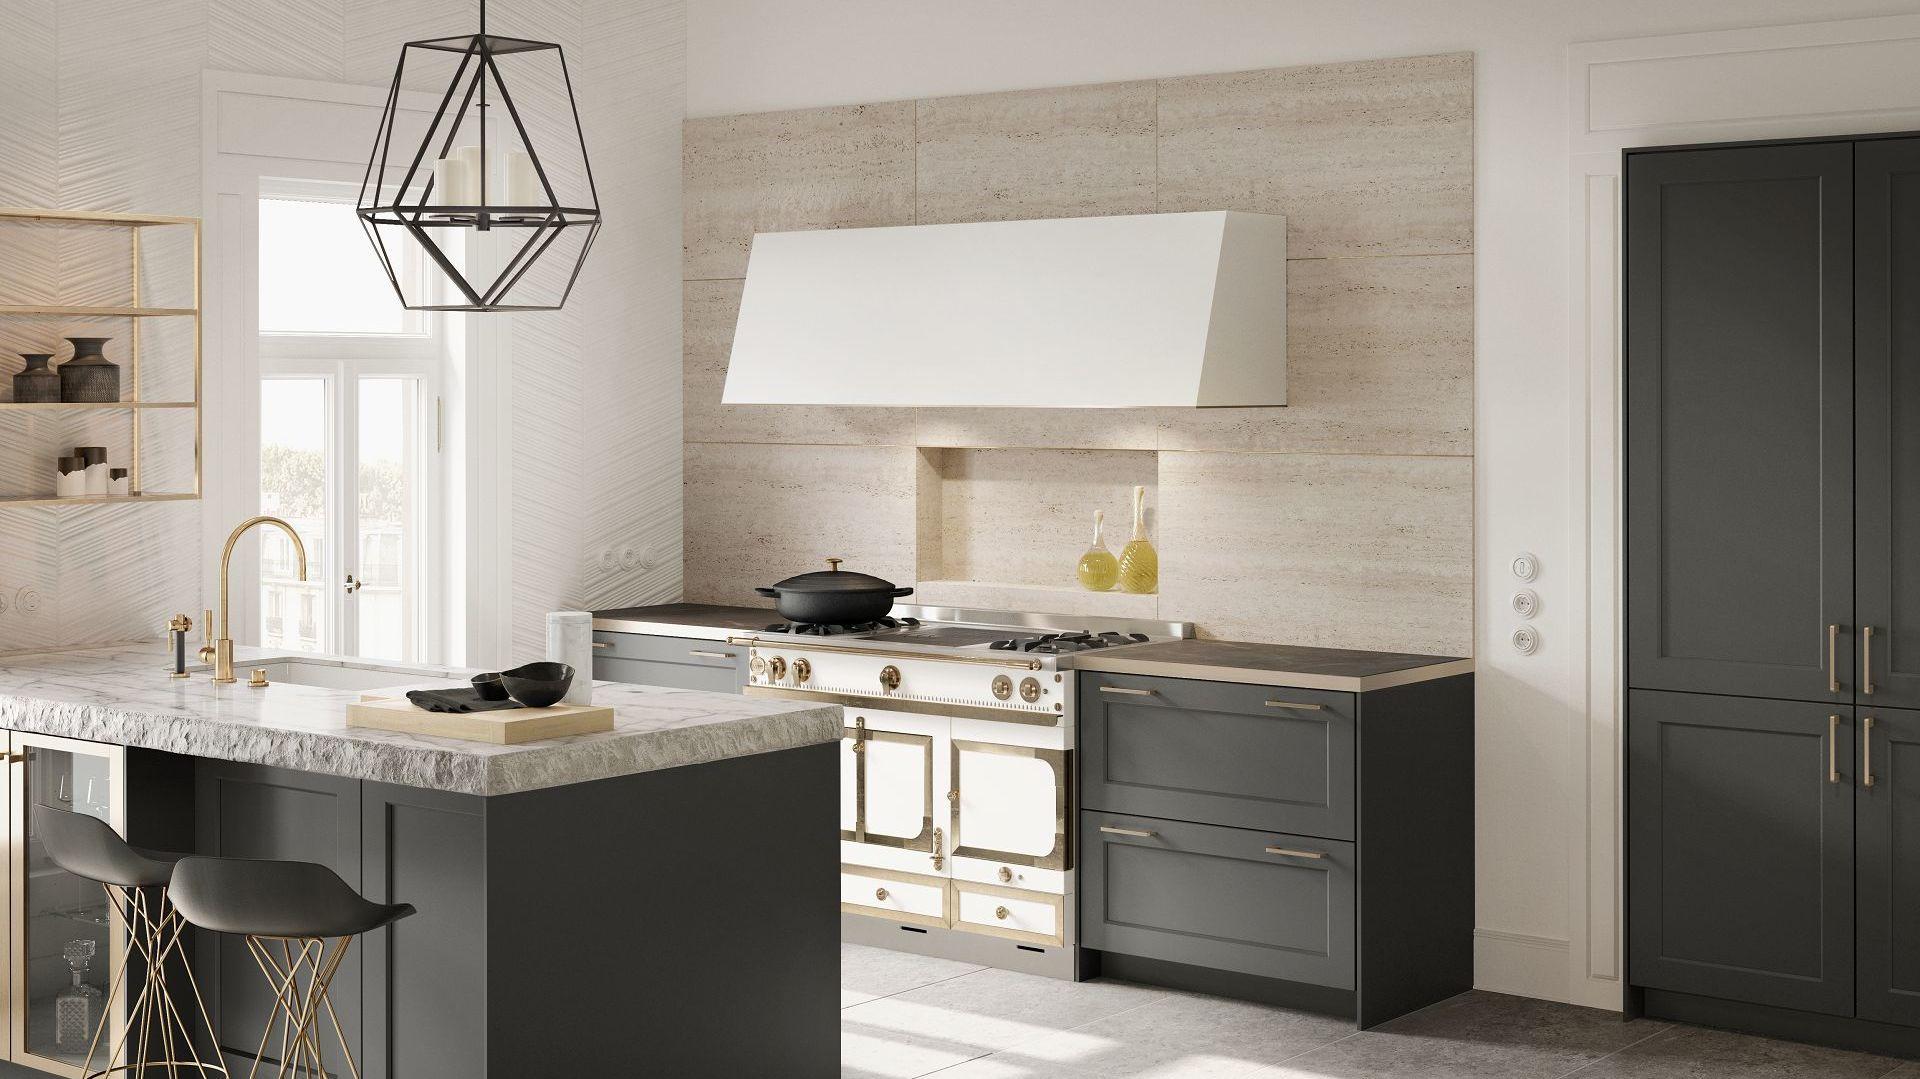 Le bois, l'allié du marbre dans la cuisine